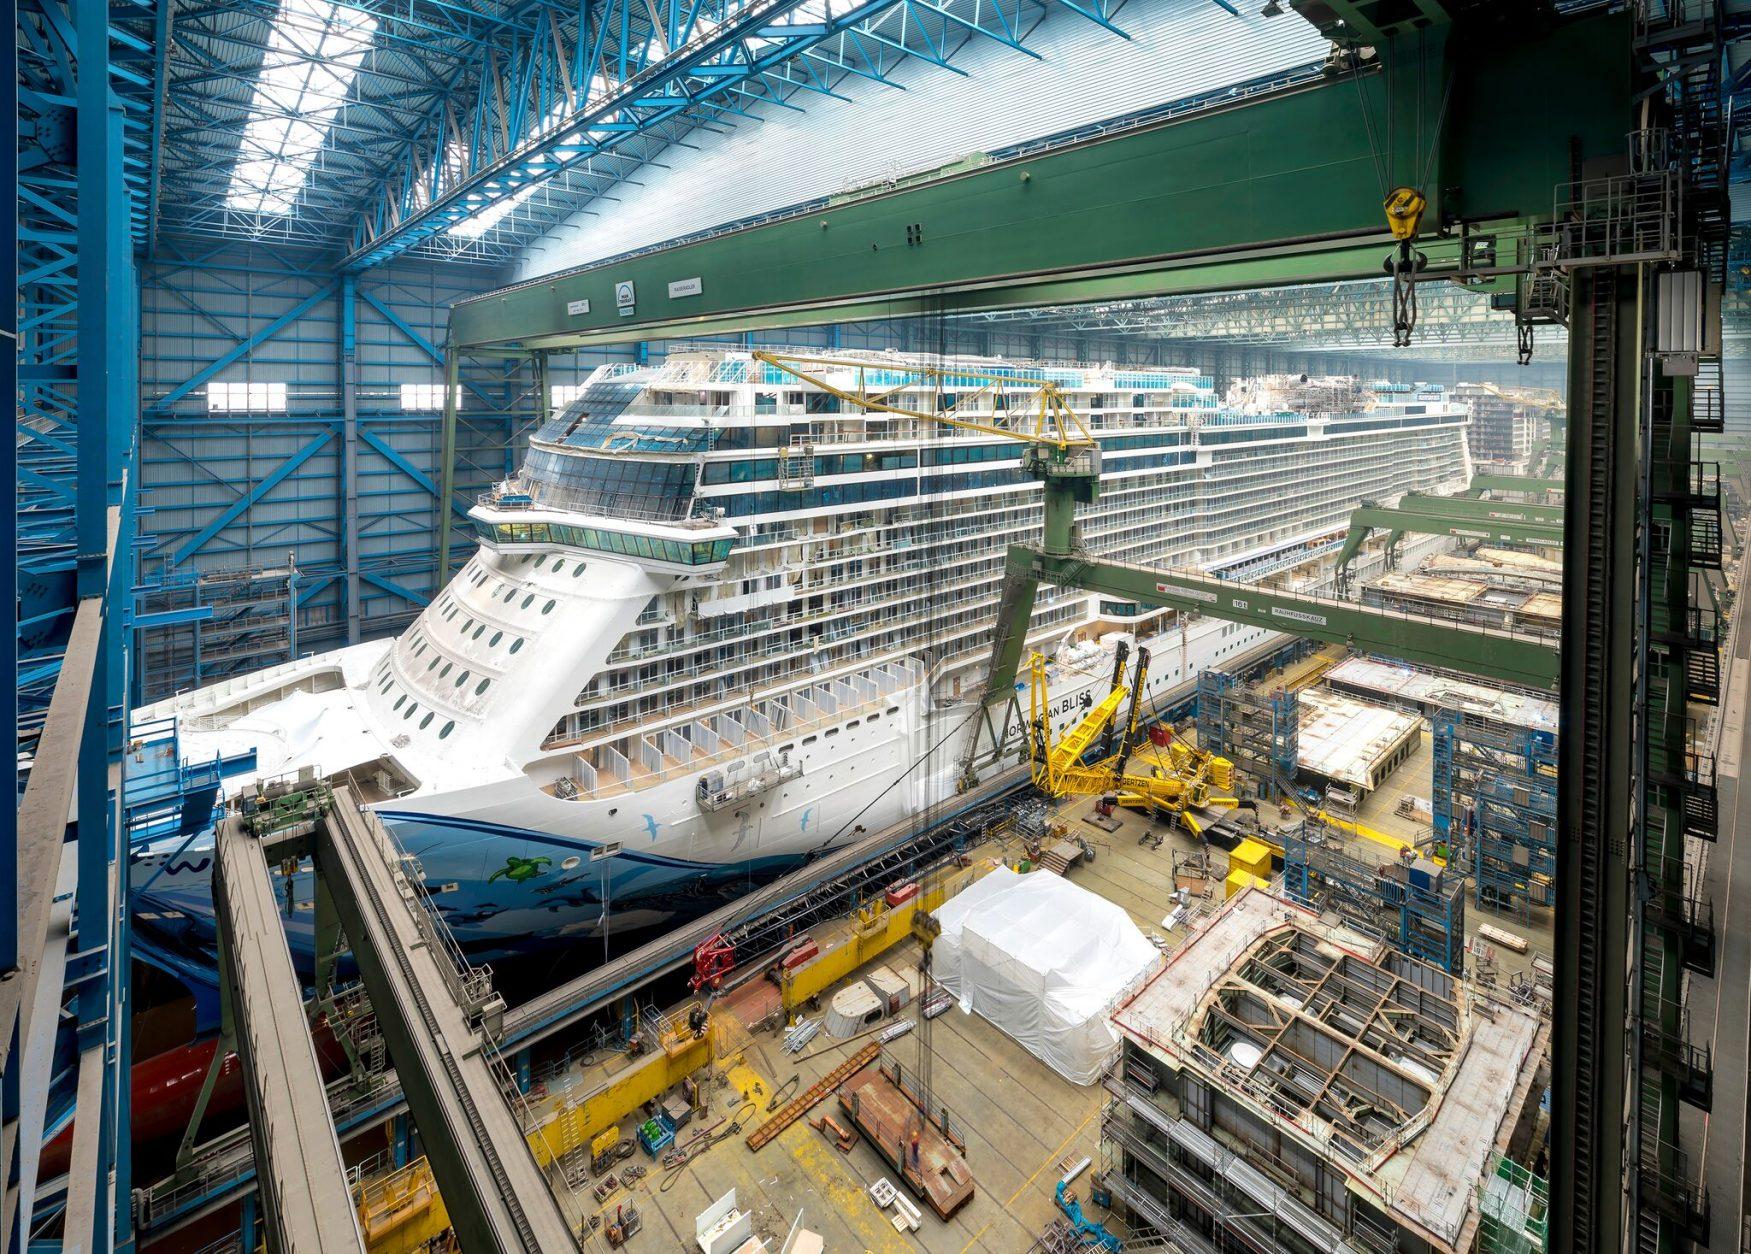 Blick in die Meyerwerft, Kreuzfahrtschiff Norwegian Bliss im Trockendock Februar 2018 ©MEYER WERFT GmbH & Co. KG, Papenburg